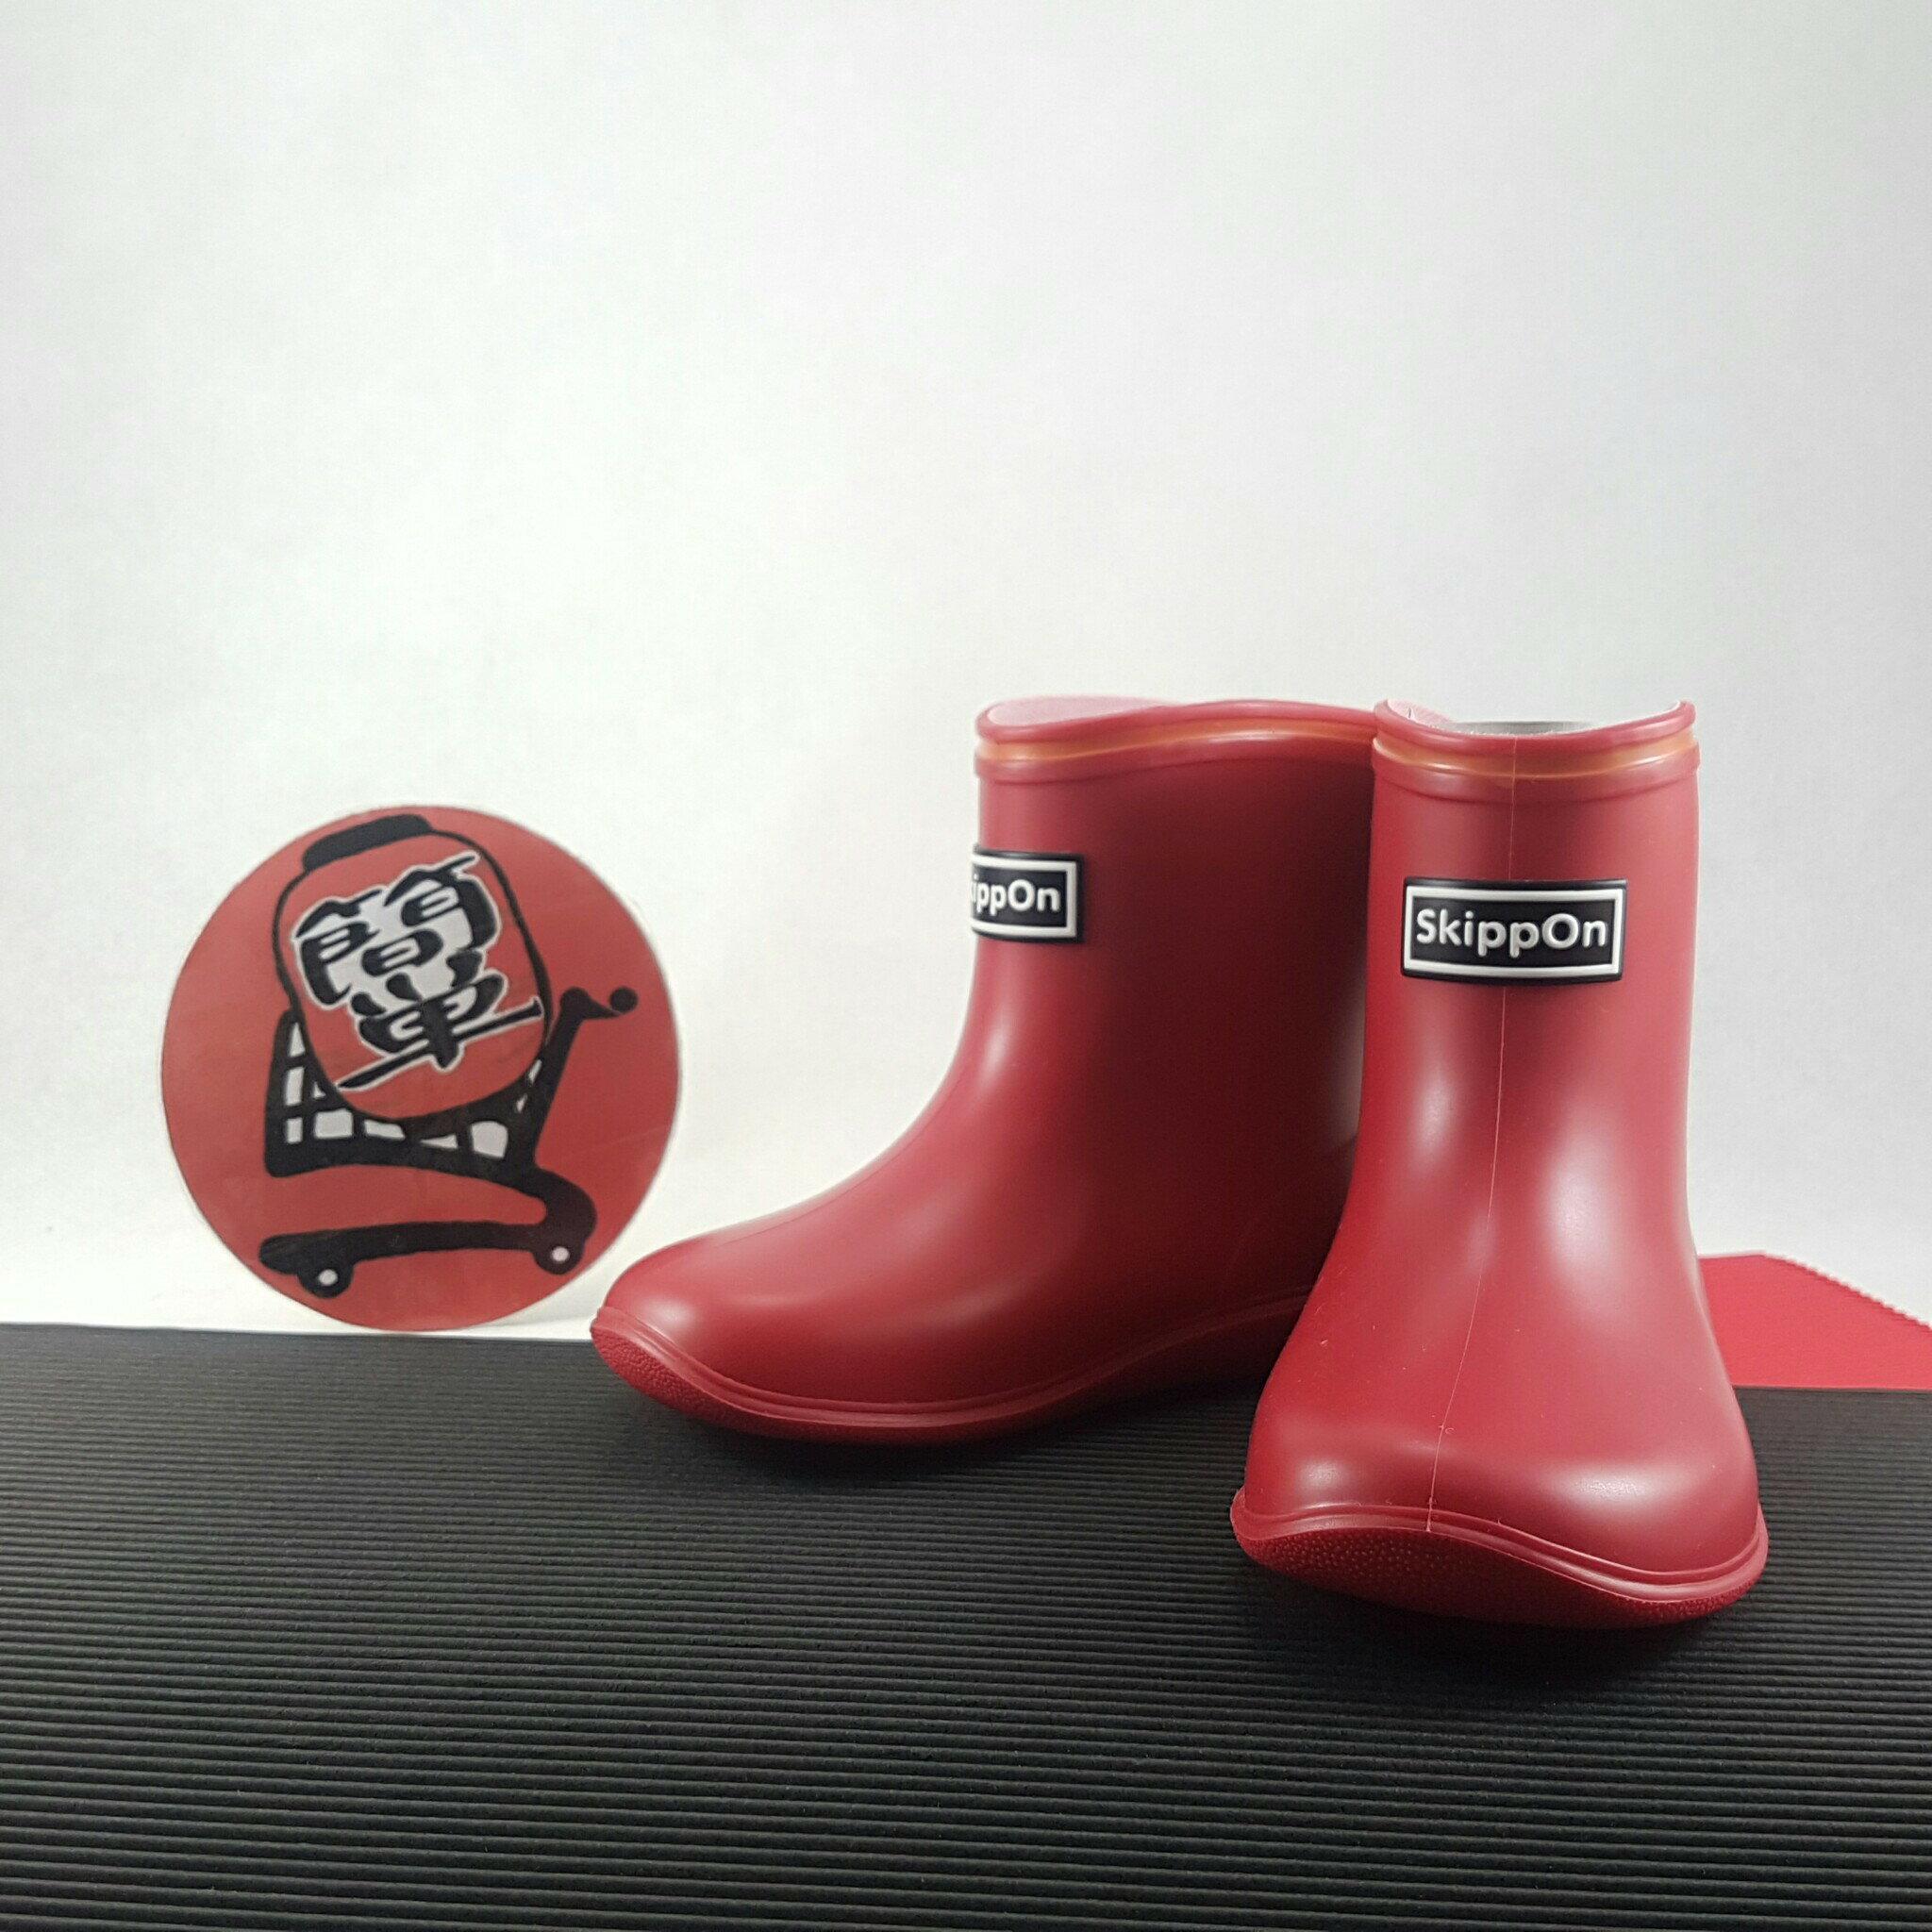 『簡単全球購』紅色款 SKIPPON 亮彩糖果色兒童雨鞋 雨靴 13-17碼 日本製